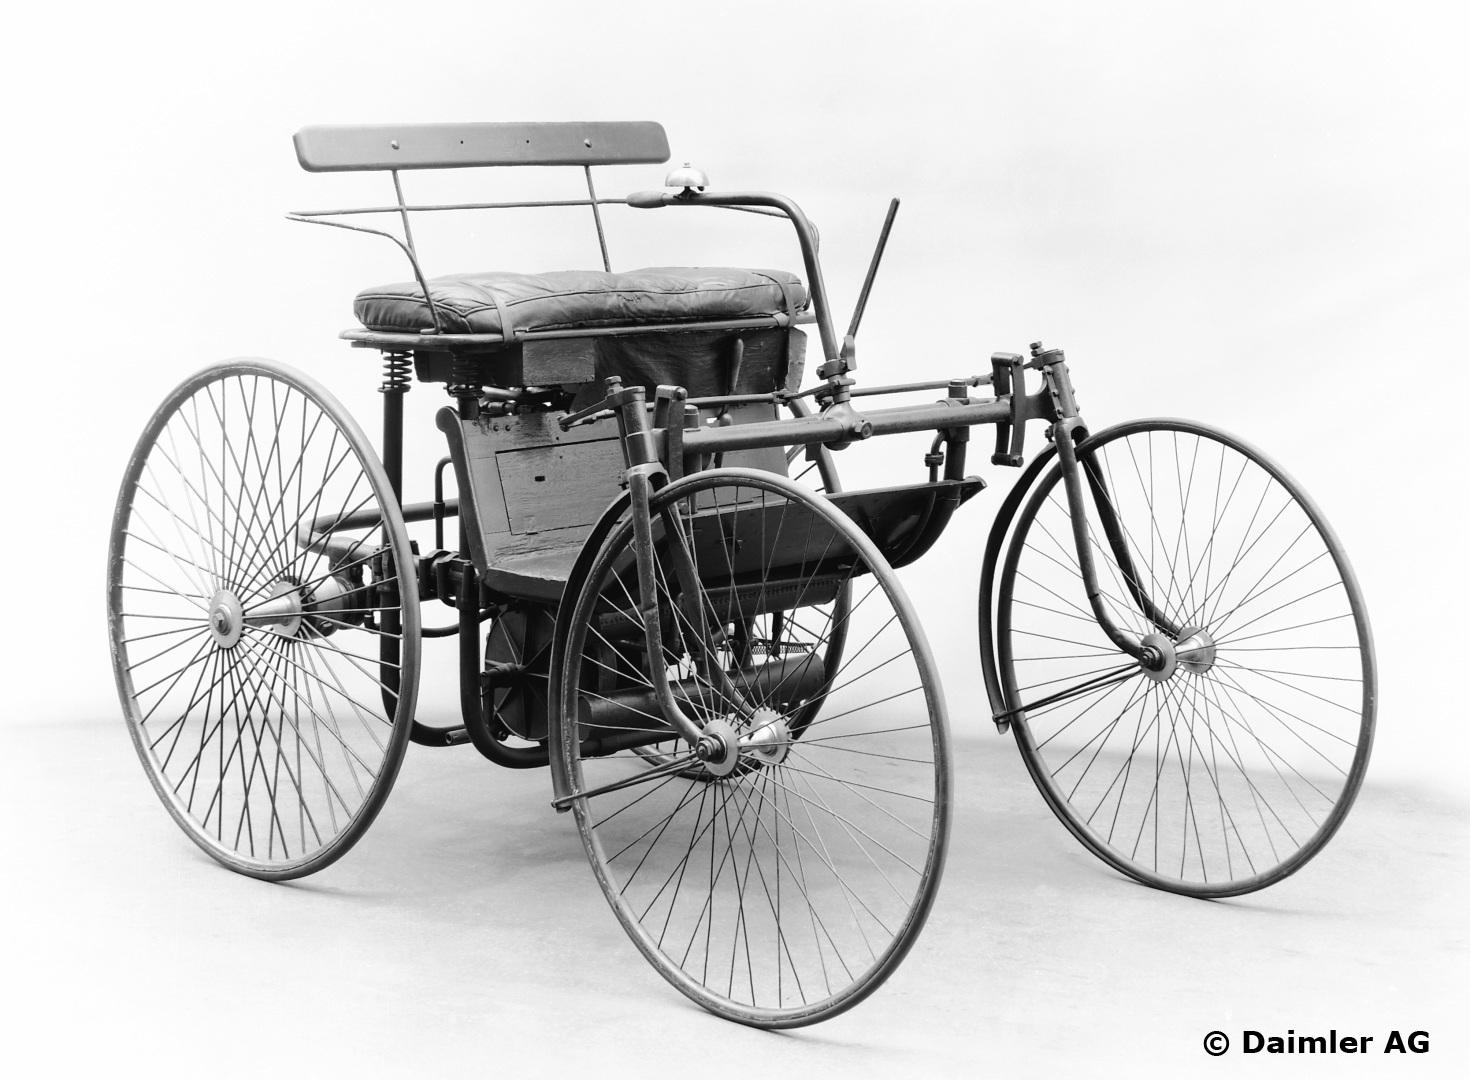 Maybach konstruiert den eleganten, leichten und technisch fortschrittlichen Daimler Stahlradwagen 1889 als komplettes Automobil. Er ist ausgestattet mit Zweizylinder-V-Motor, wassergekühlten Zylinderköpfen, Rohr-Umlaufkühlung, Glührohrzündung, Schwimmervergaser und dem ersten Viergang-Zahnradgetriebe der Welt, aber noch ohne Achsschenkellenkung. Die vorderen Radaufhängungen erinnern mit ihren Gabeln stark an Fahrradkonstruktionen.